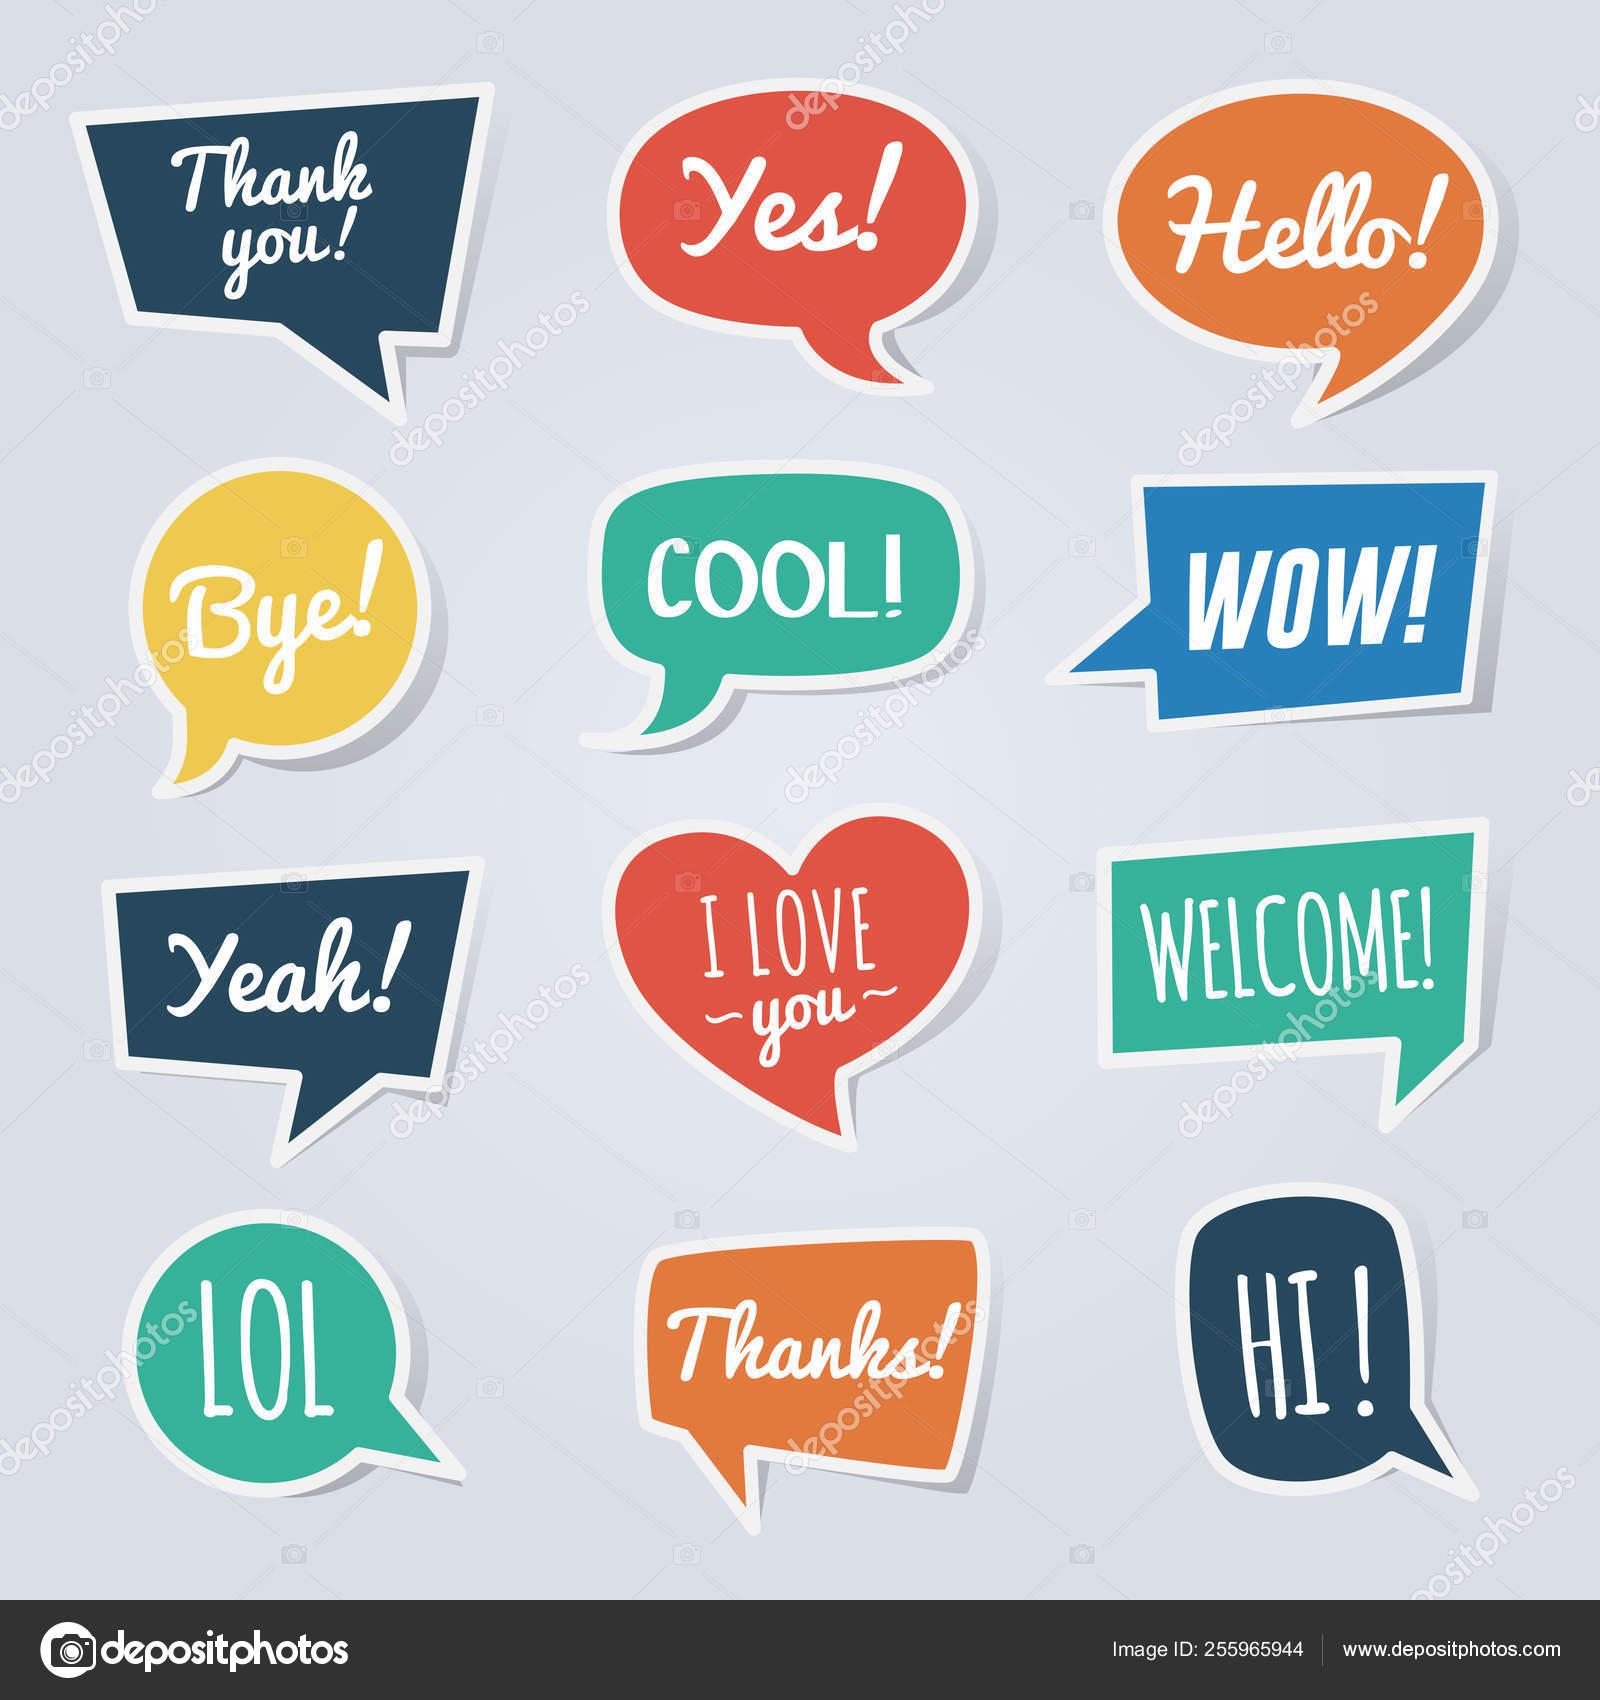 Bolha de papel do discurso com mensagens curtas  Obrigado